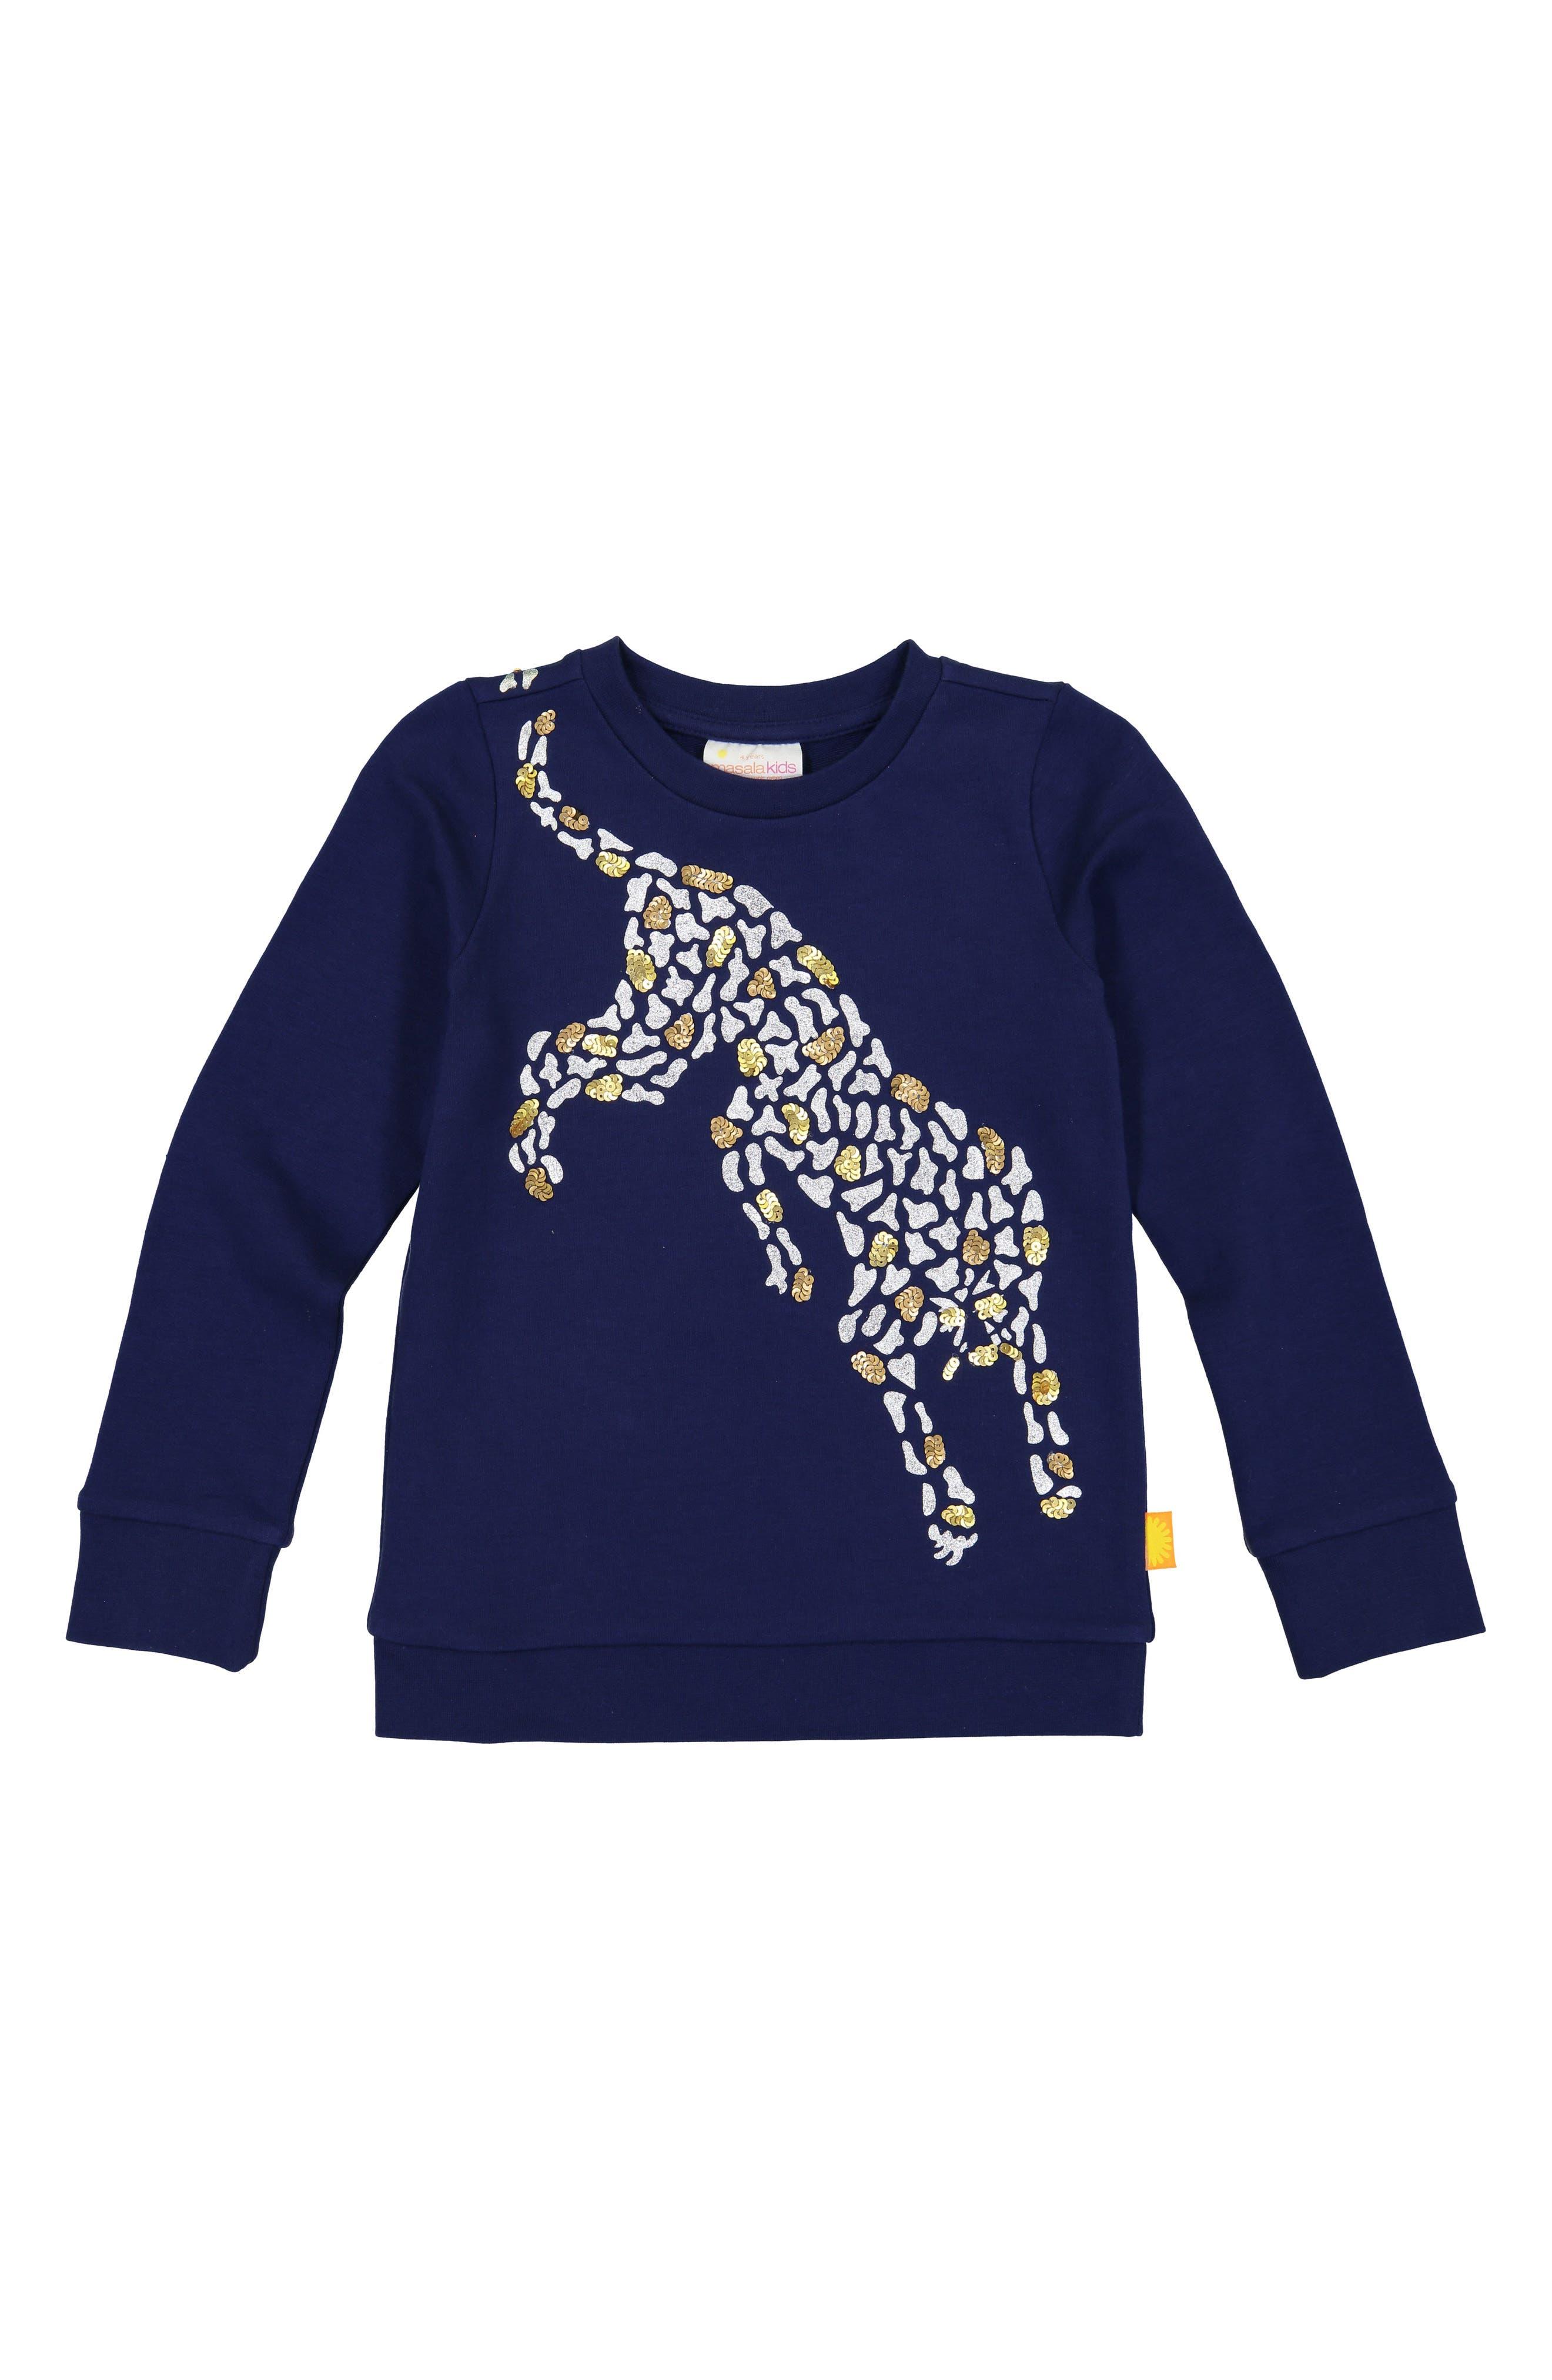 Cheetah Organic Cotton Sweatshirt,                             Main thumbnail 1, color,                             NAVY